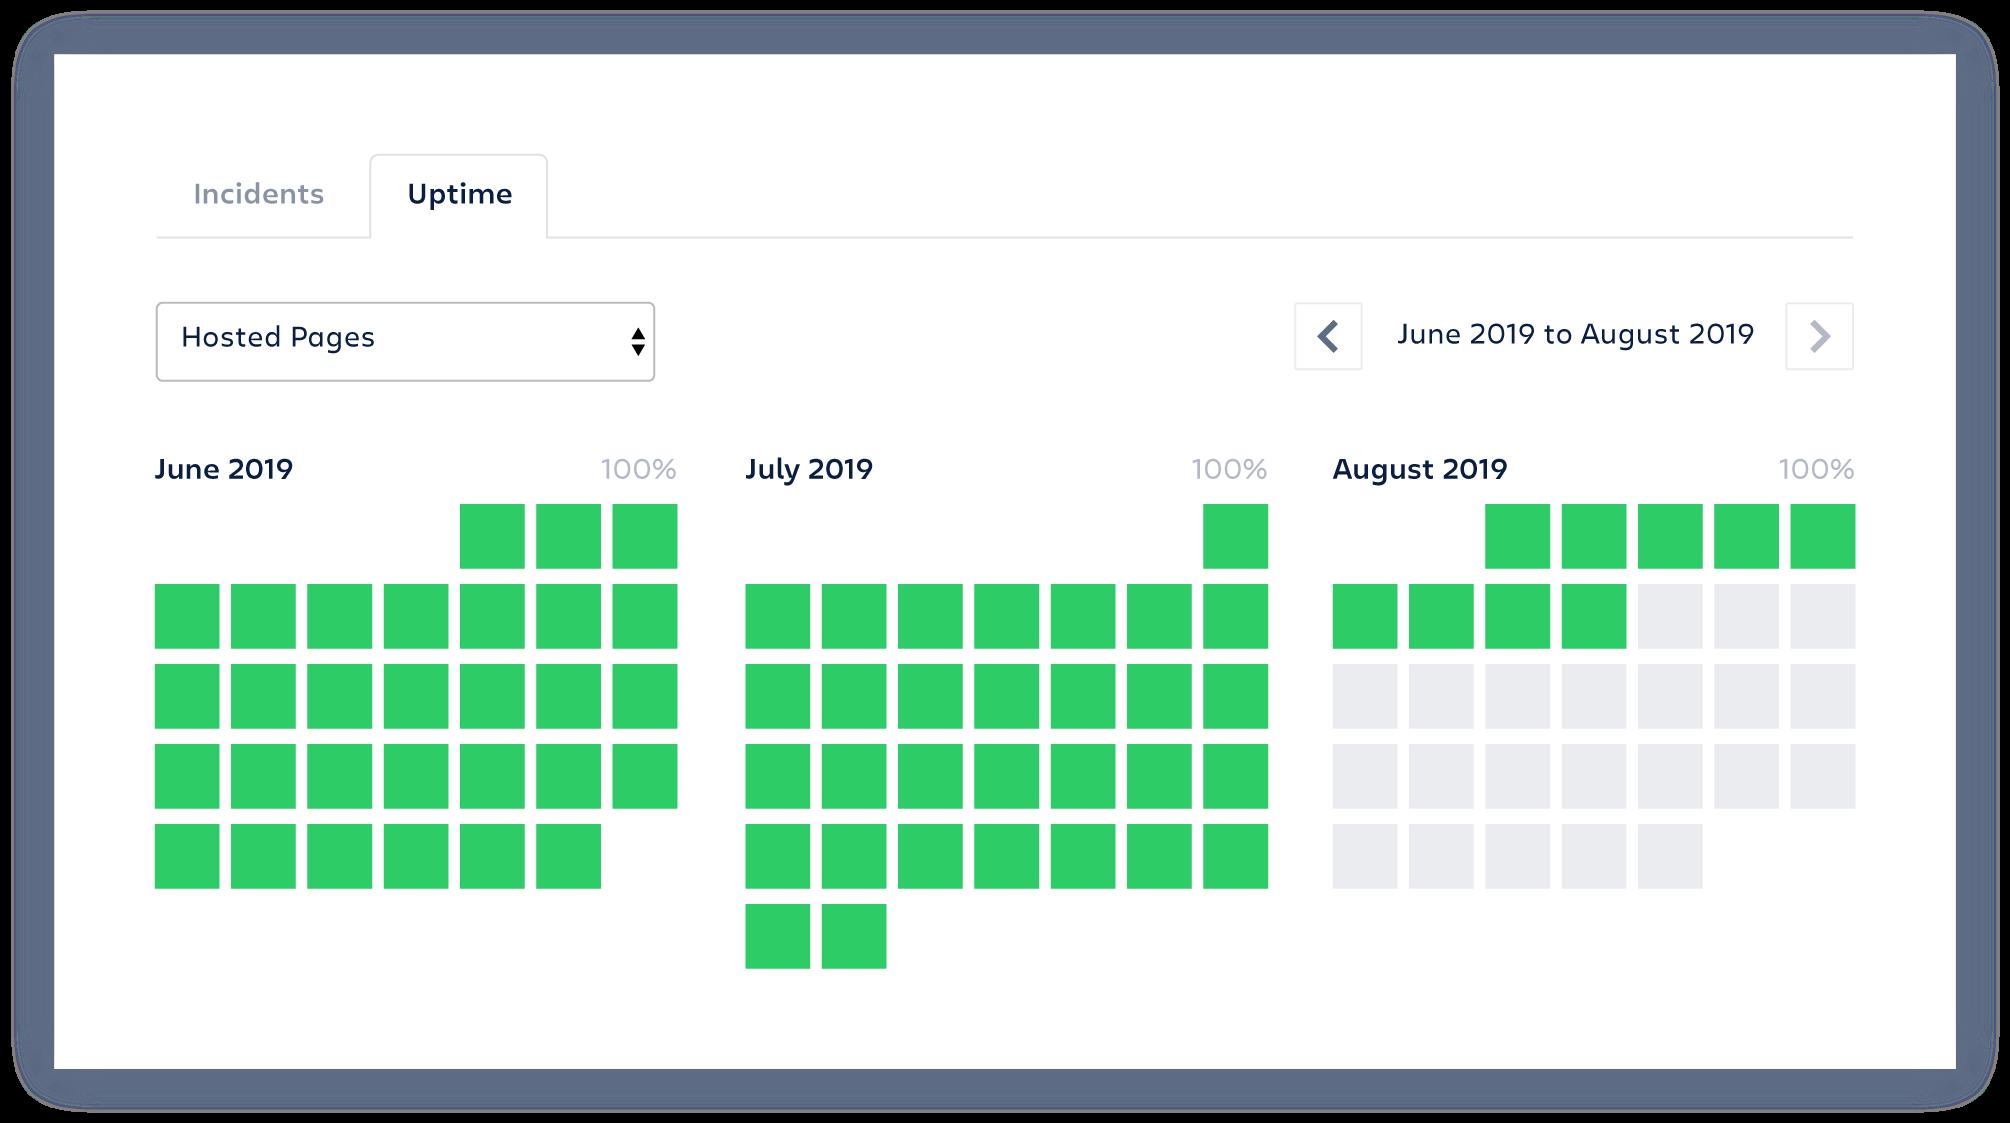 使用绿色显示不同月份正常运行时间天数的日历